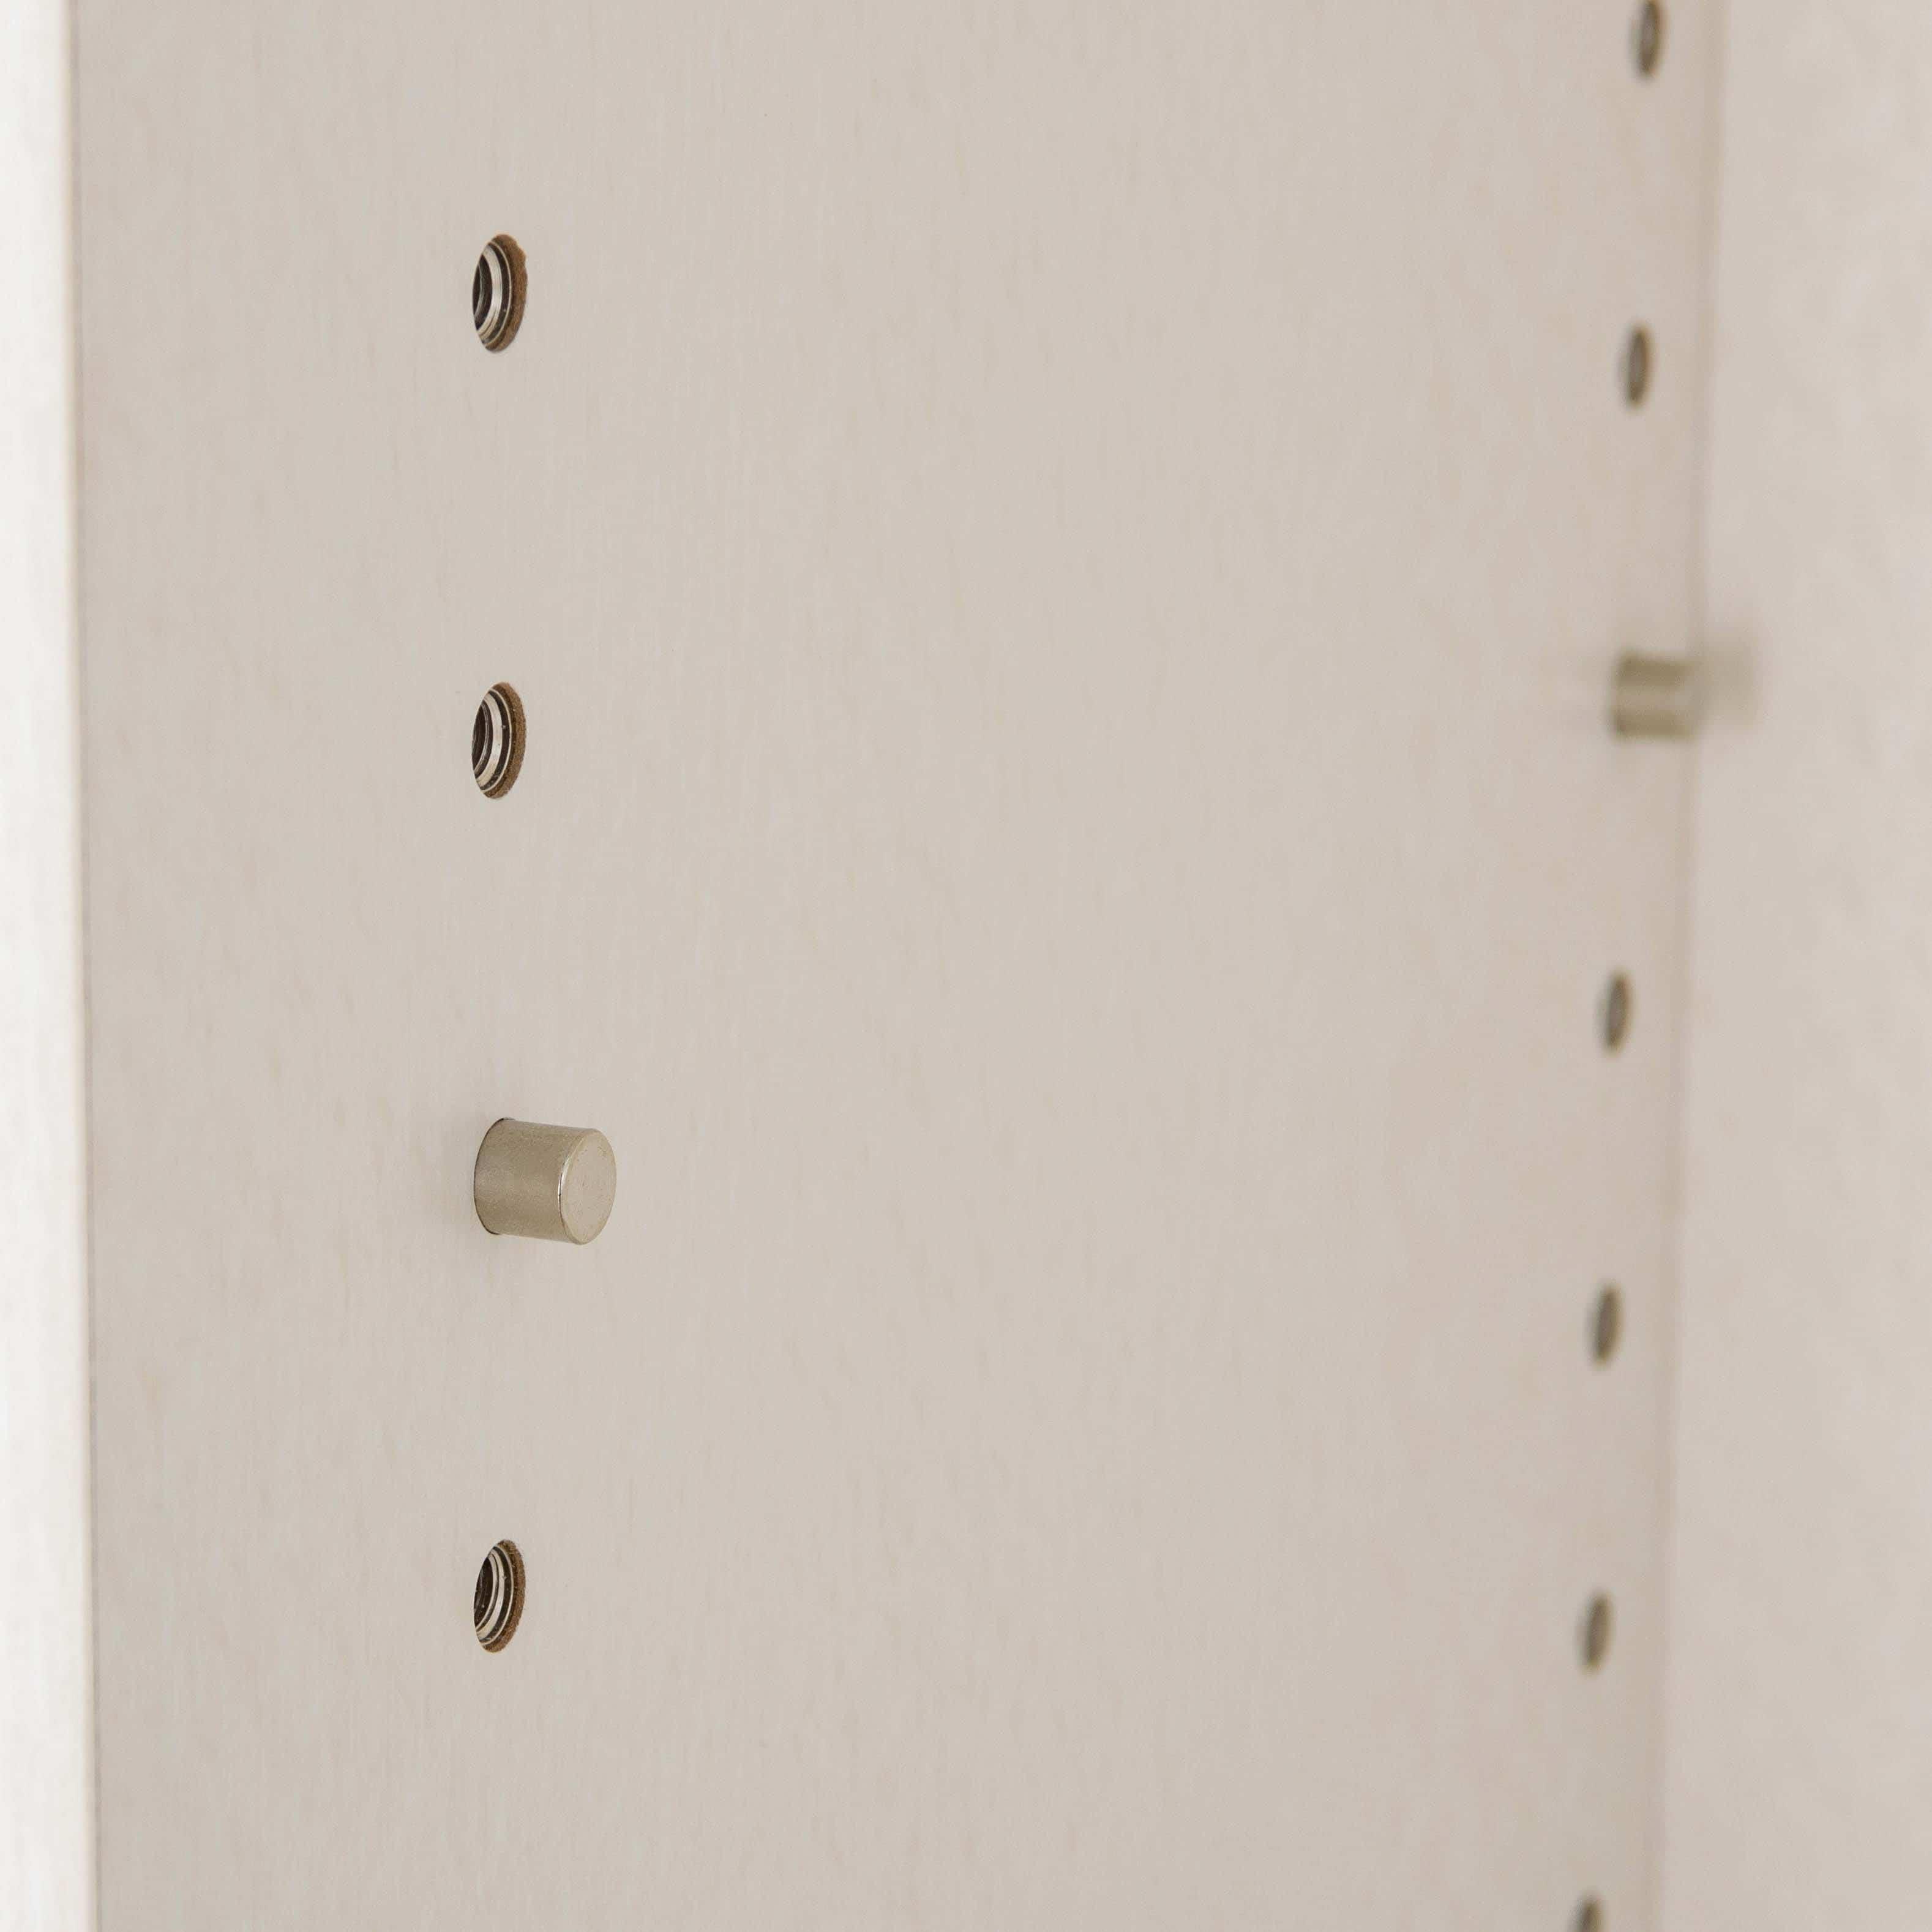 小島工芸 上置 アコード50A(ウォールモカ):キレイに収まる魅せる収納